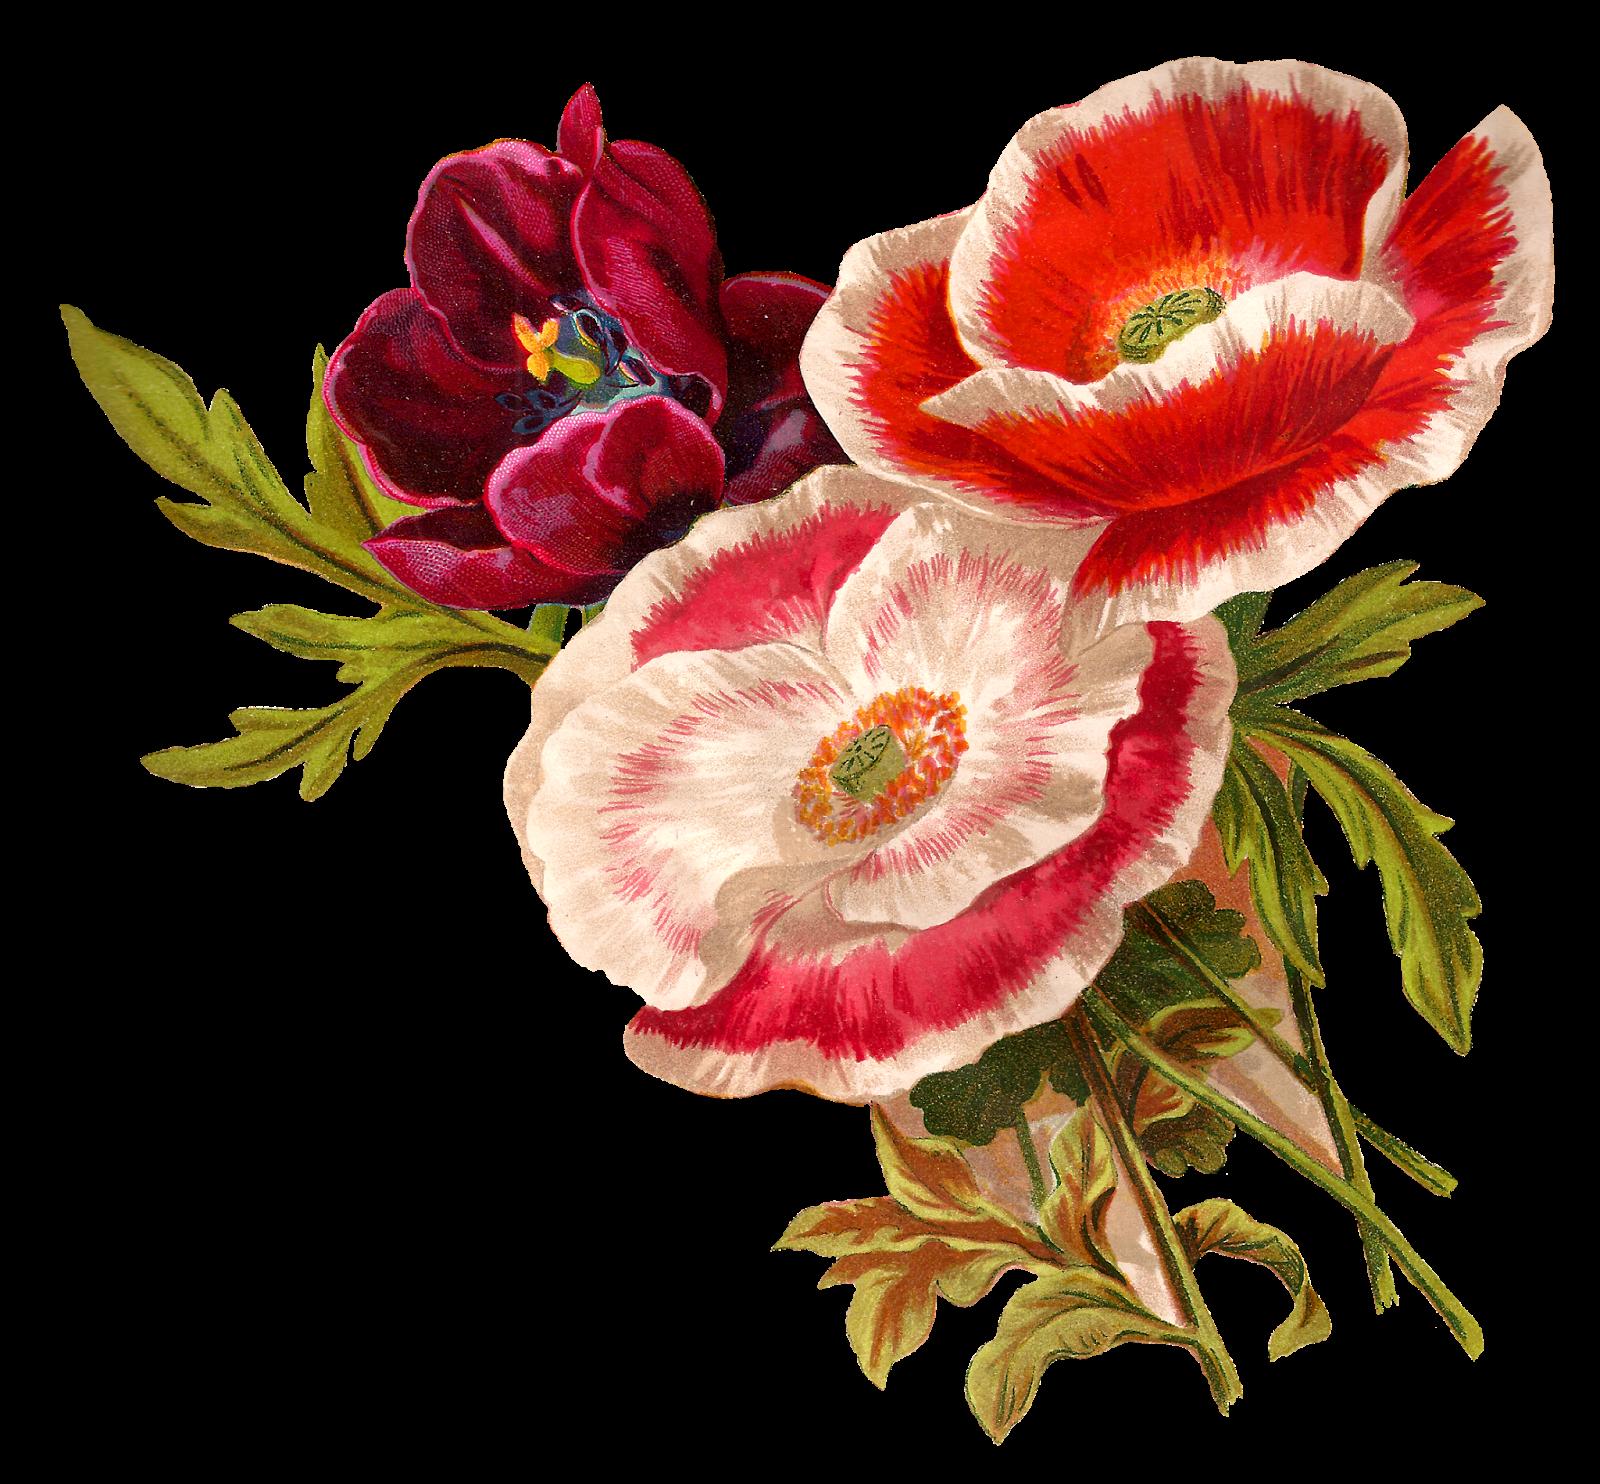 Antique Vintage Poppy Flower Clip Art Botanical Artwork Wildflower Il